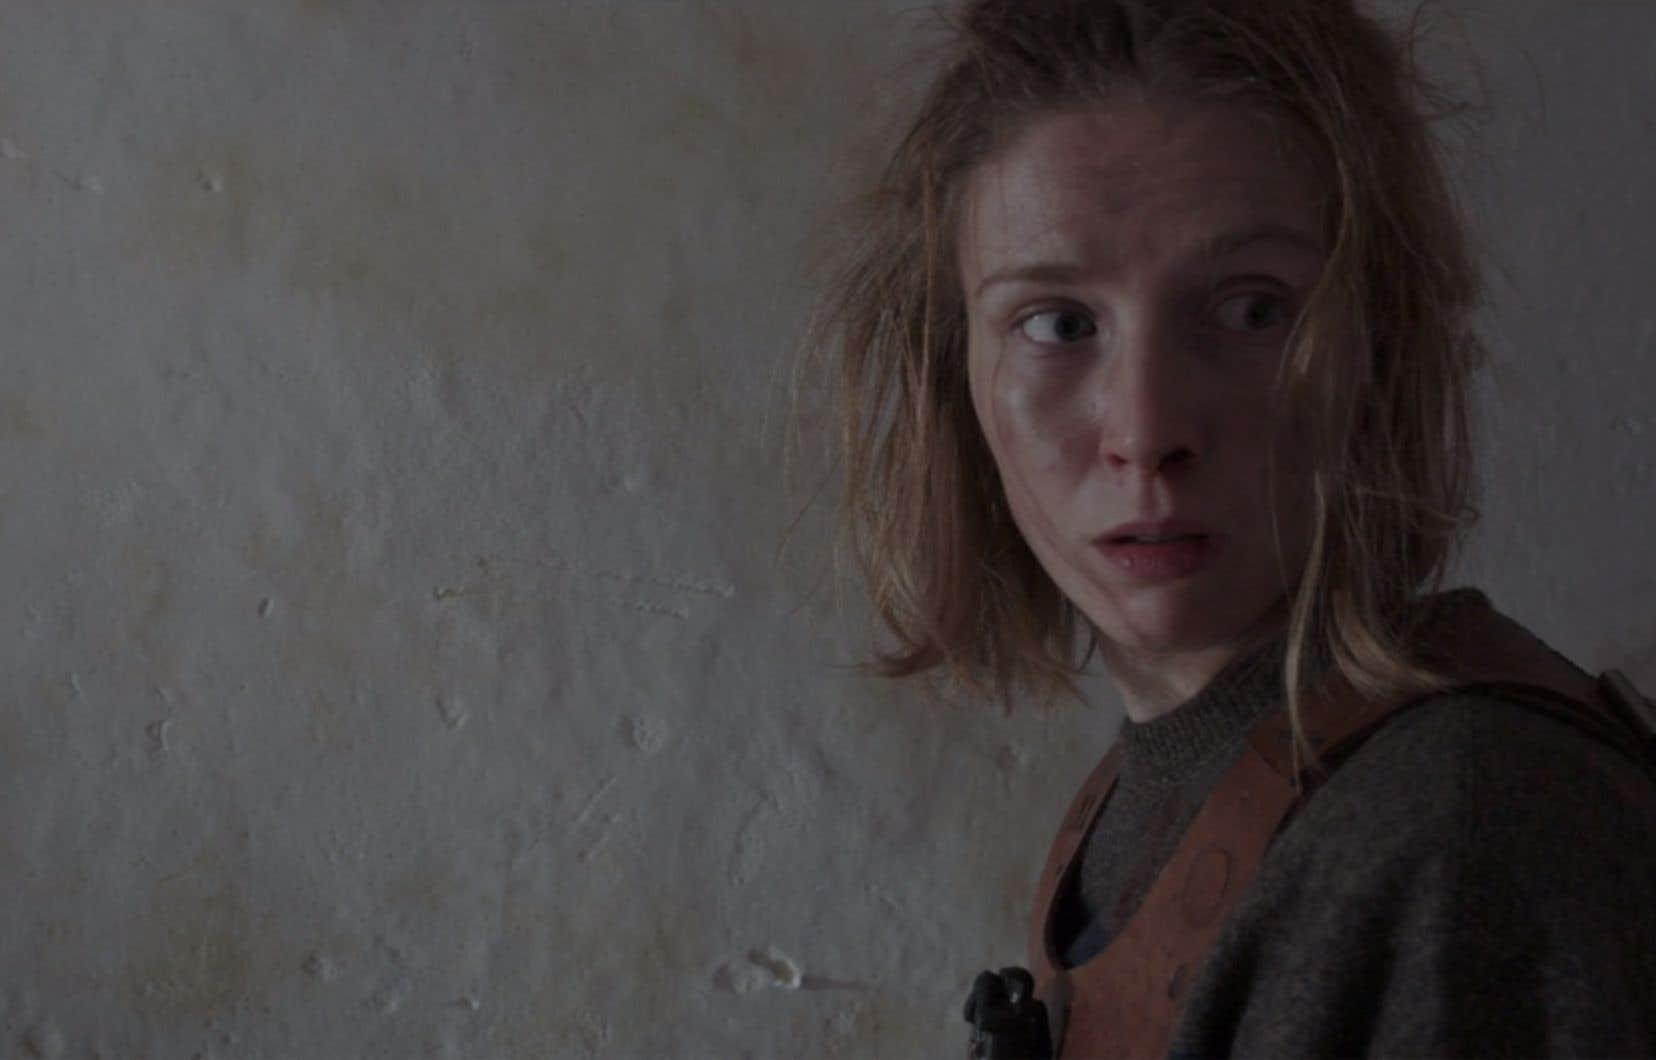 Le film «Caveat»relève dans l'ensemble davantage de l'angoisse sourde et du mystère que de l'horreur pure.